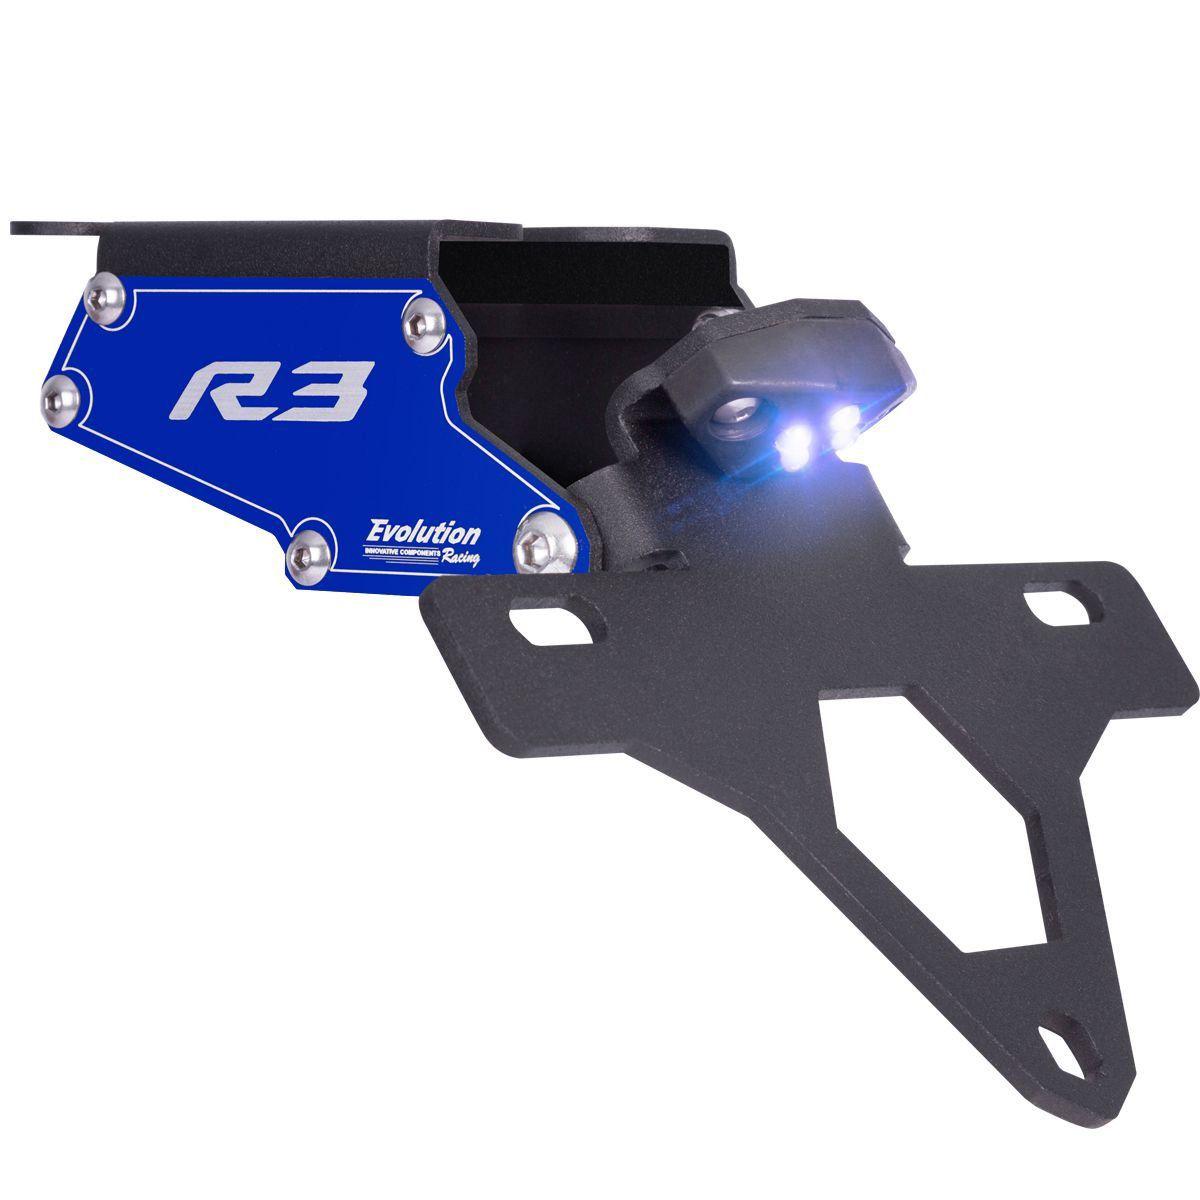 Suporte Eliminador De Rabeta Placa Yamaha R3 2015 2016 2017